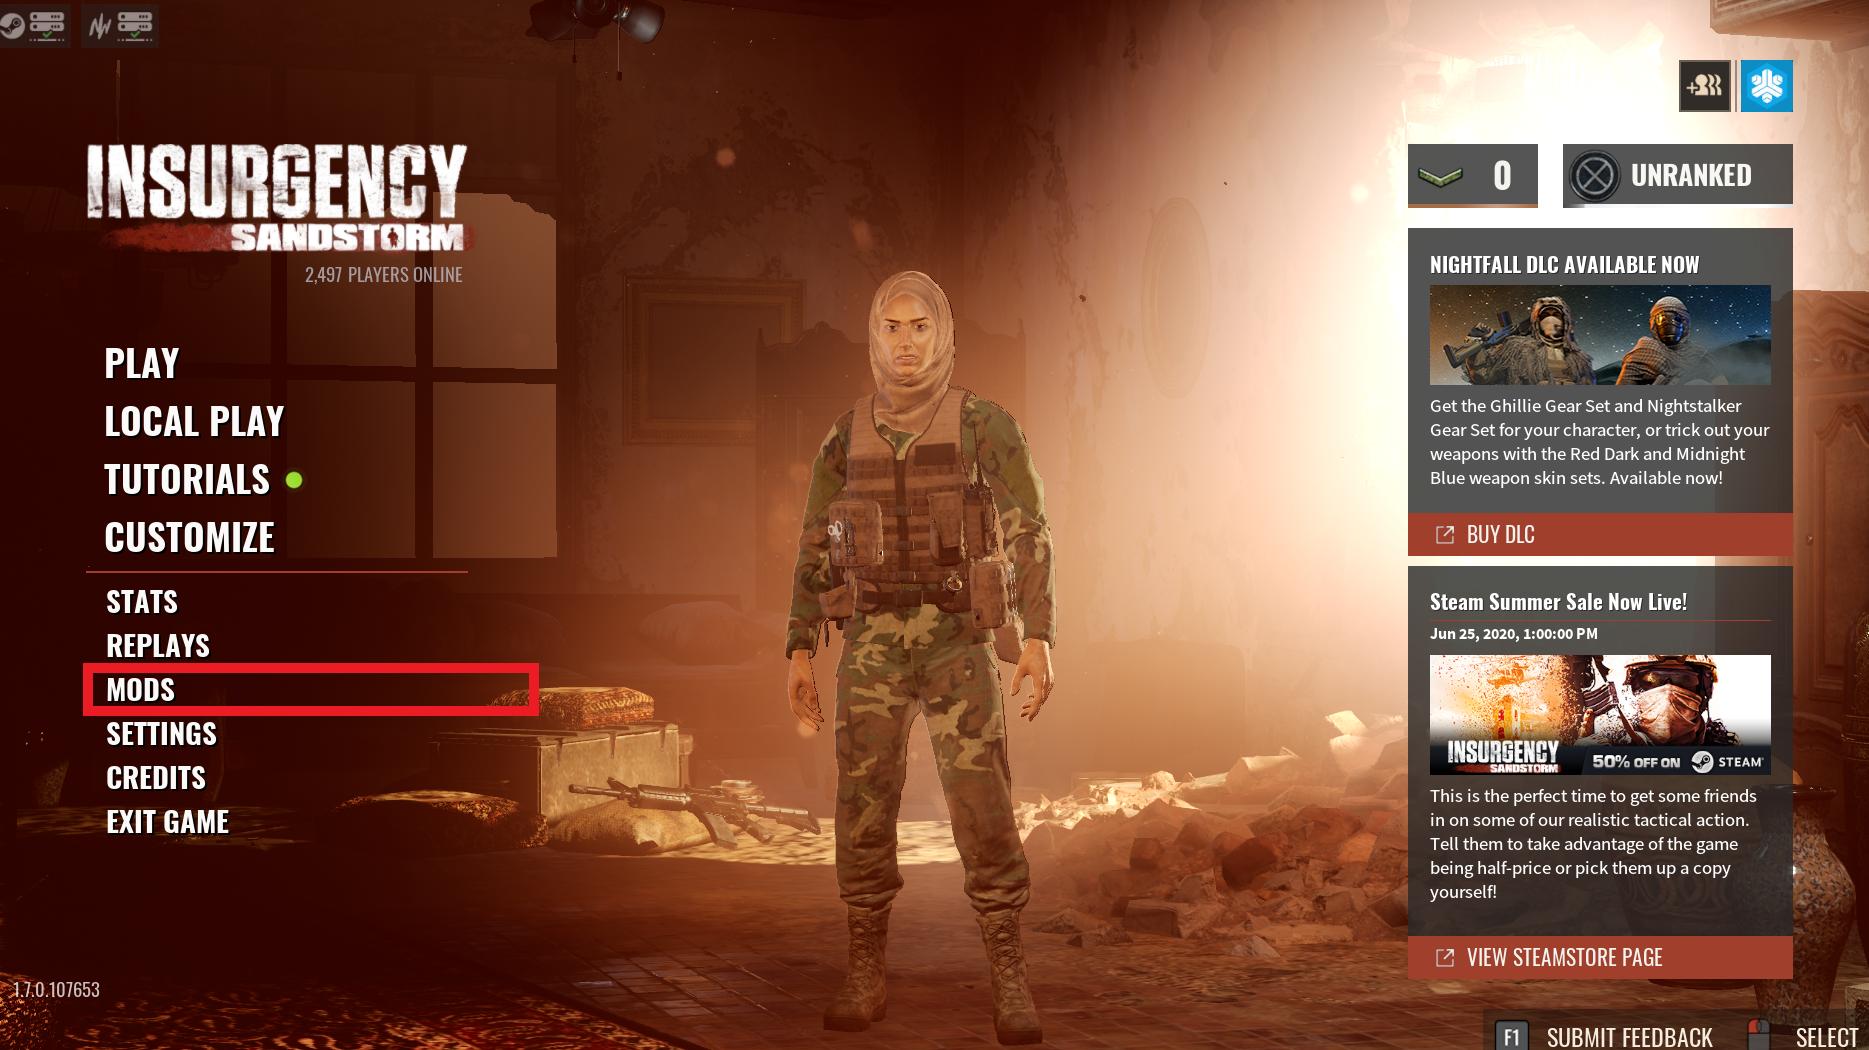 Widok ekranu tytułowego gry Insurgency: Sandstorm, pokazujący opcje modów